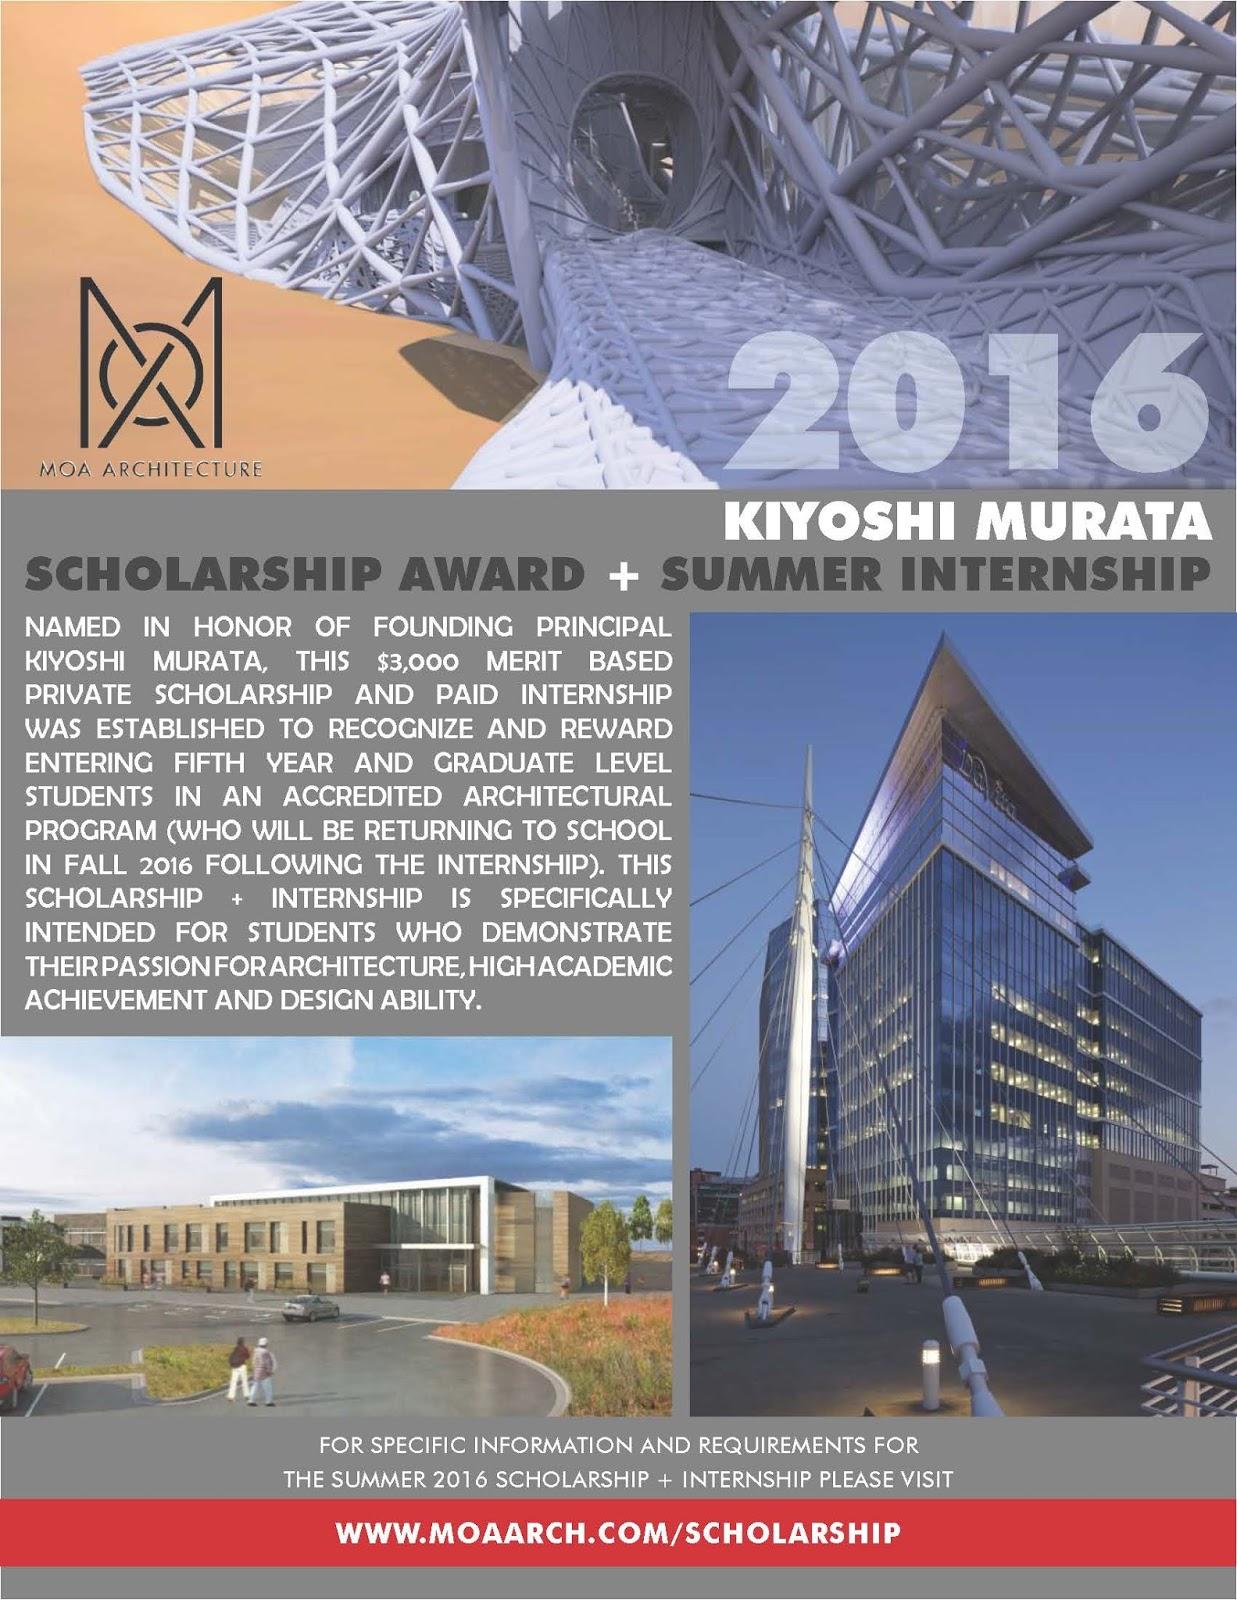 2016 Kiyoshi Murata Scholarship Award Summer Internship